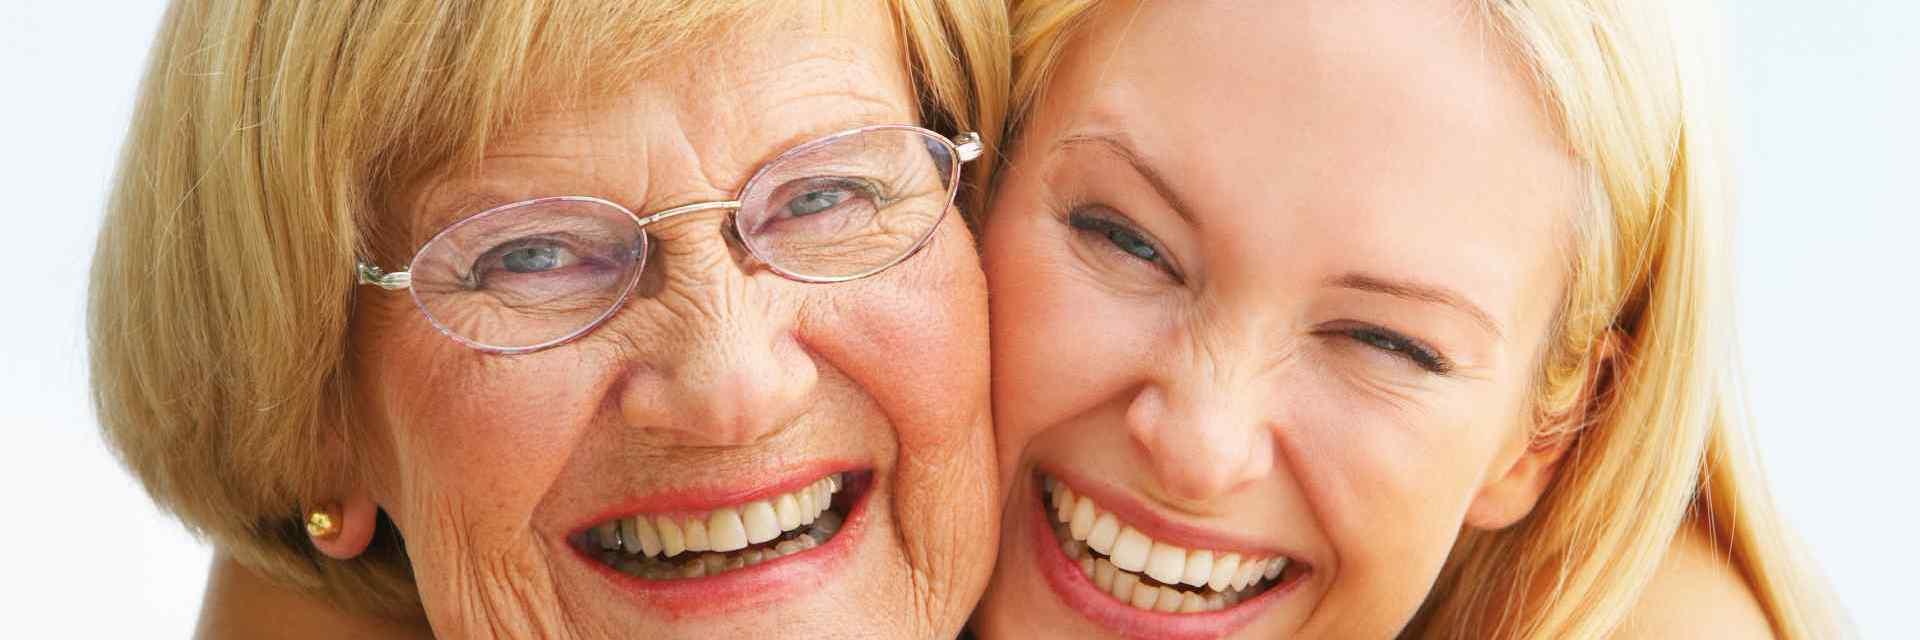 Entlastenden Hilfen für pflegende Angehörige